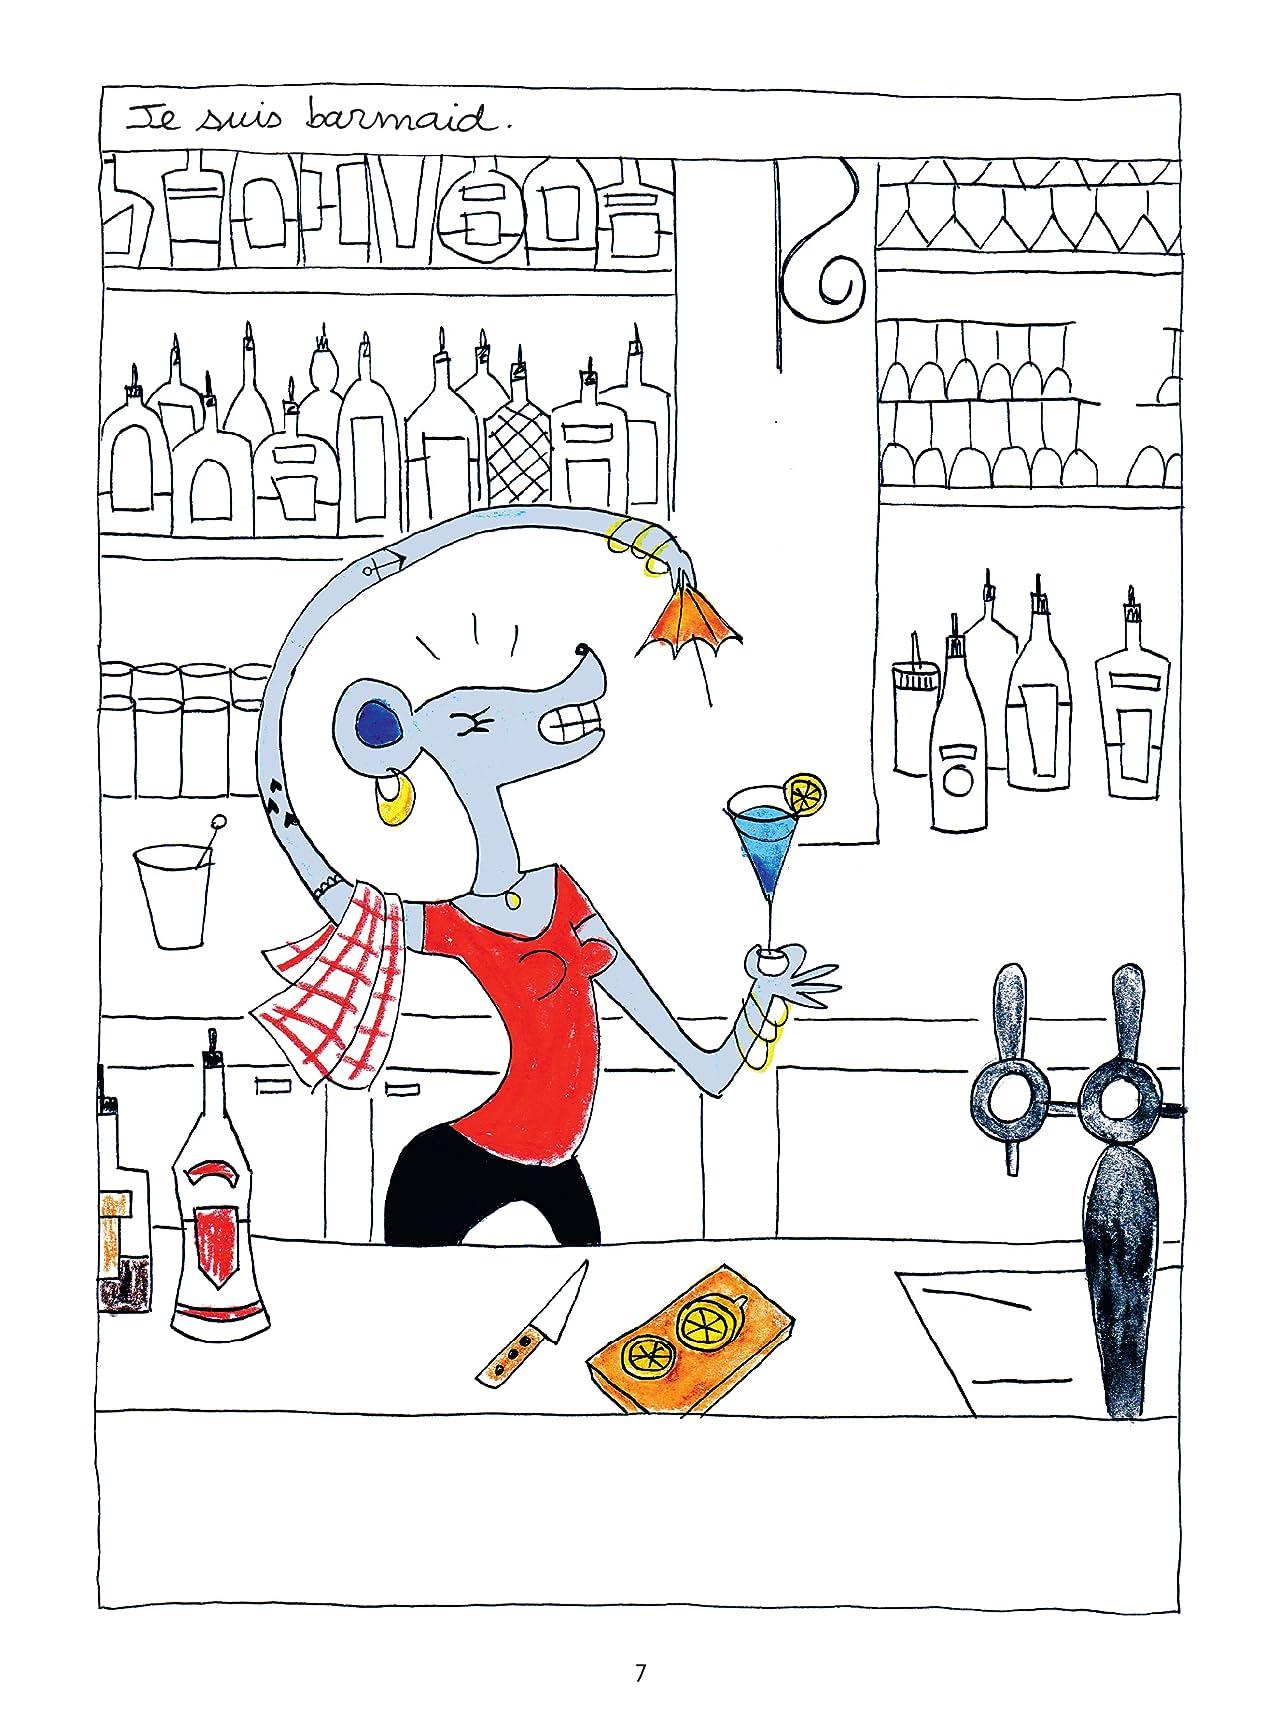 Les Noctambules: De l'autre côté du bar